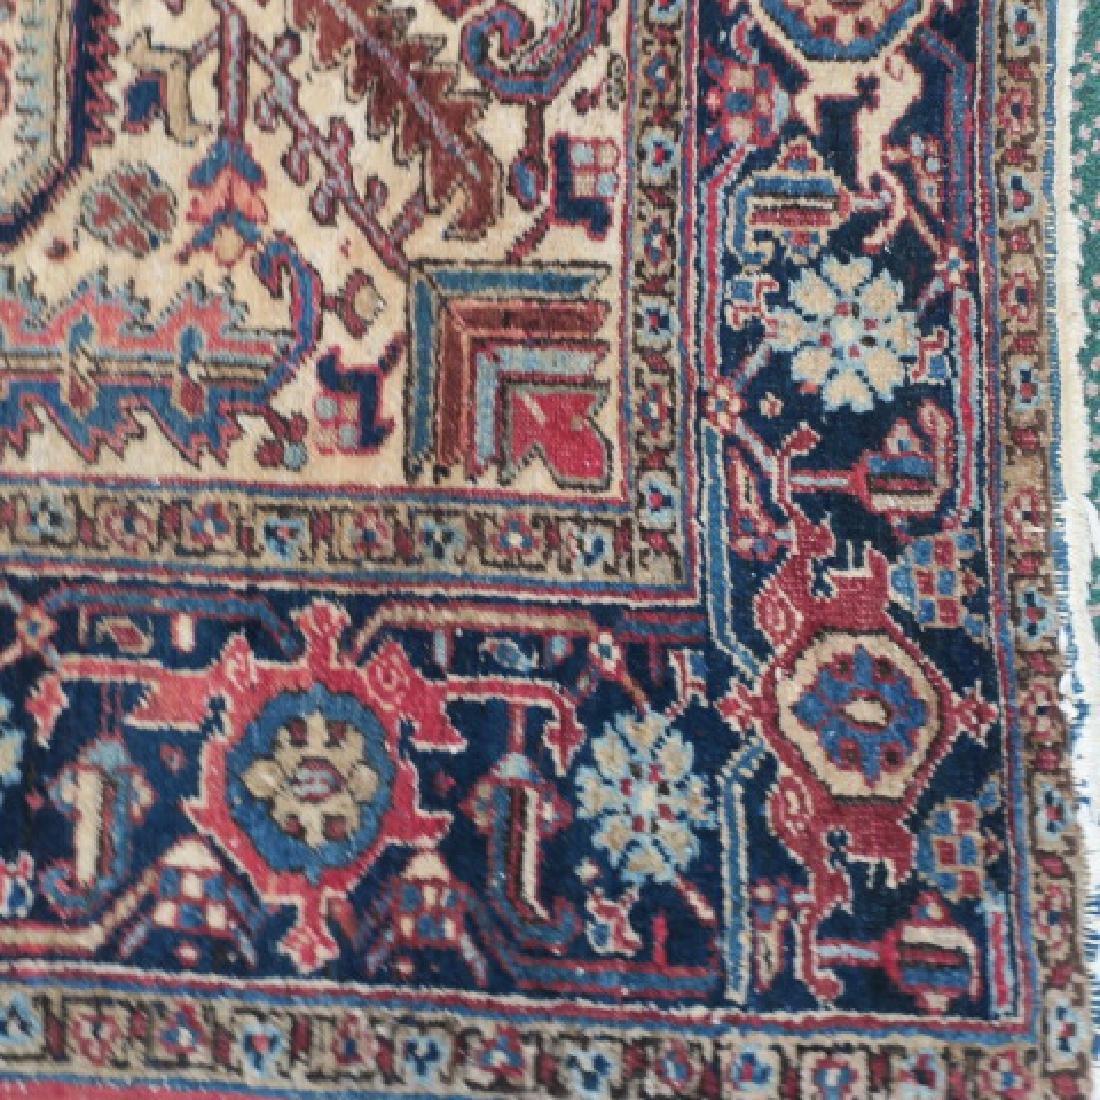 Vintage Wool Persian Rug: - 2